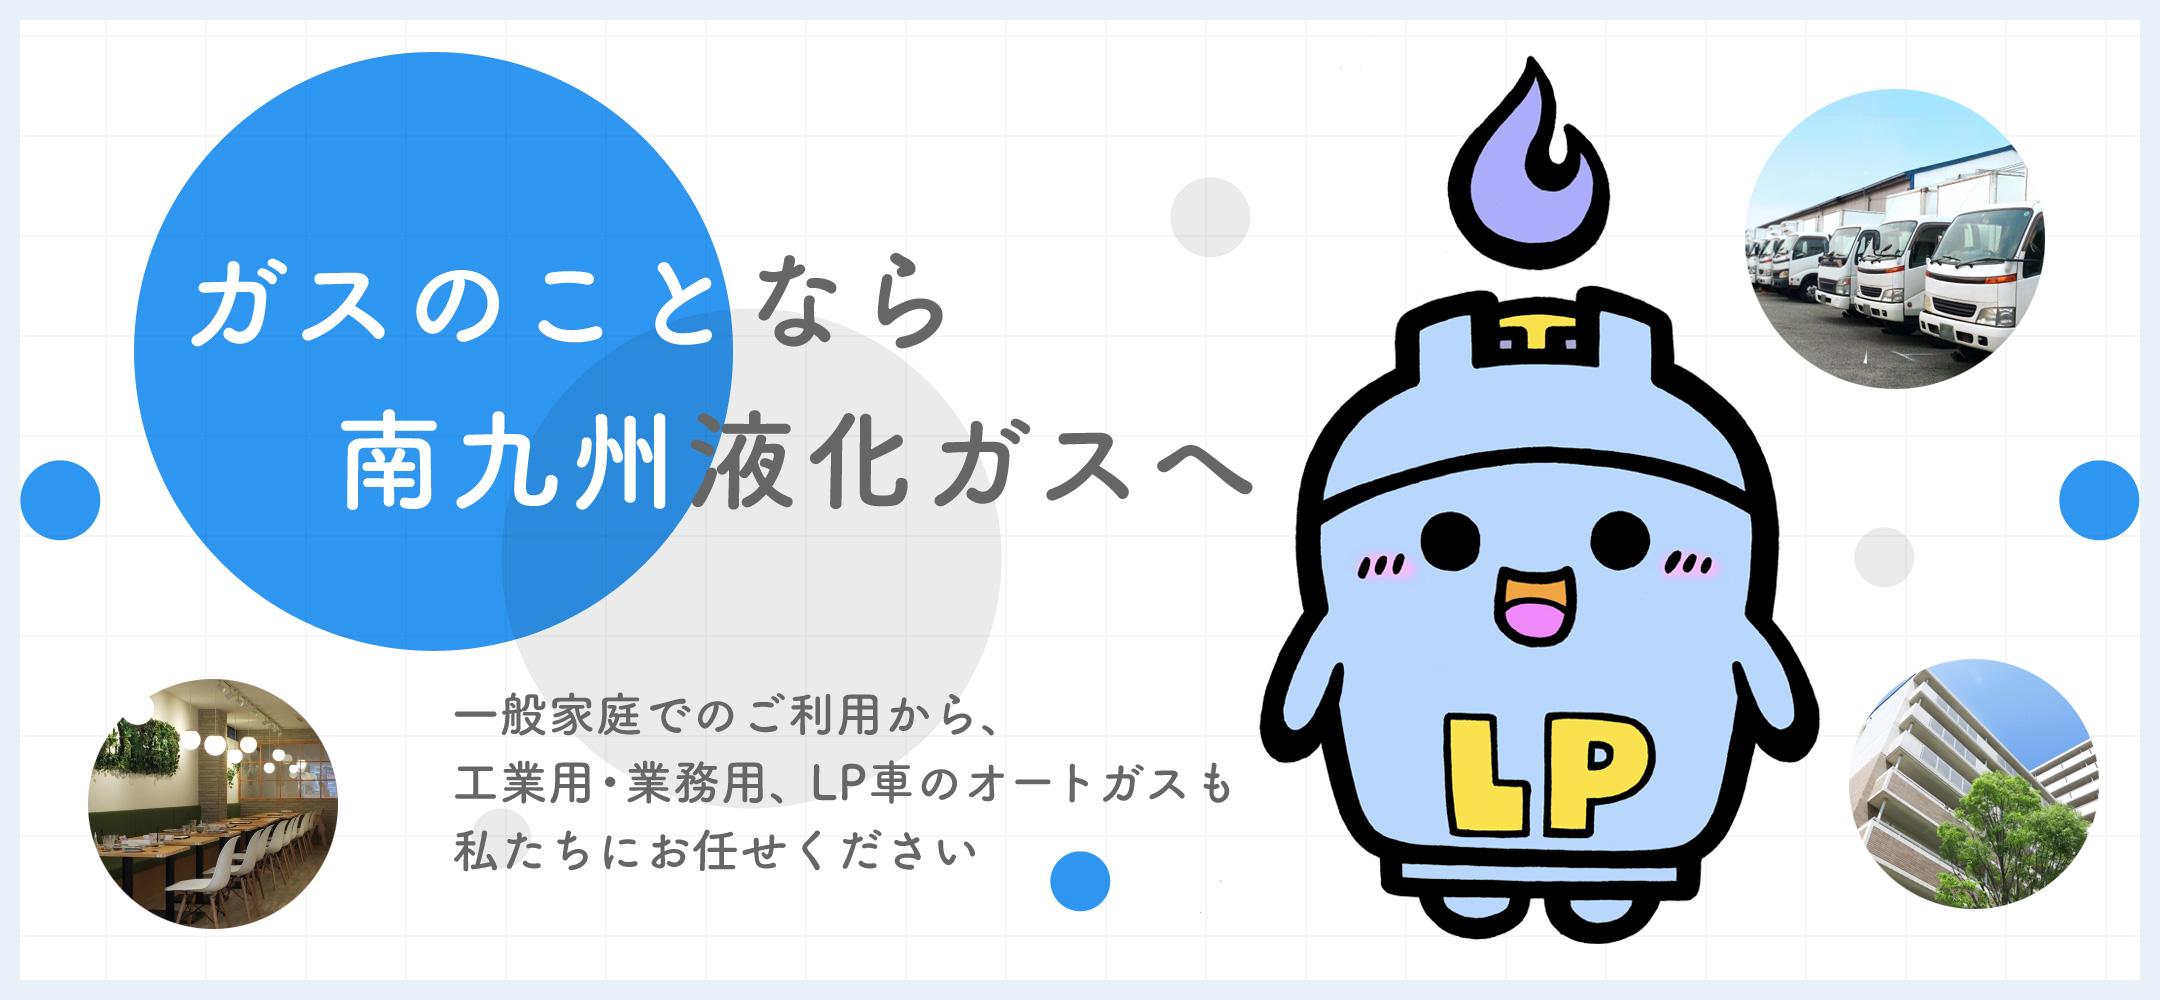 鹿児島県東串良町内にLPガス充填工場を有し、電力、水まで大隅一円に ...